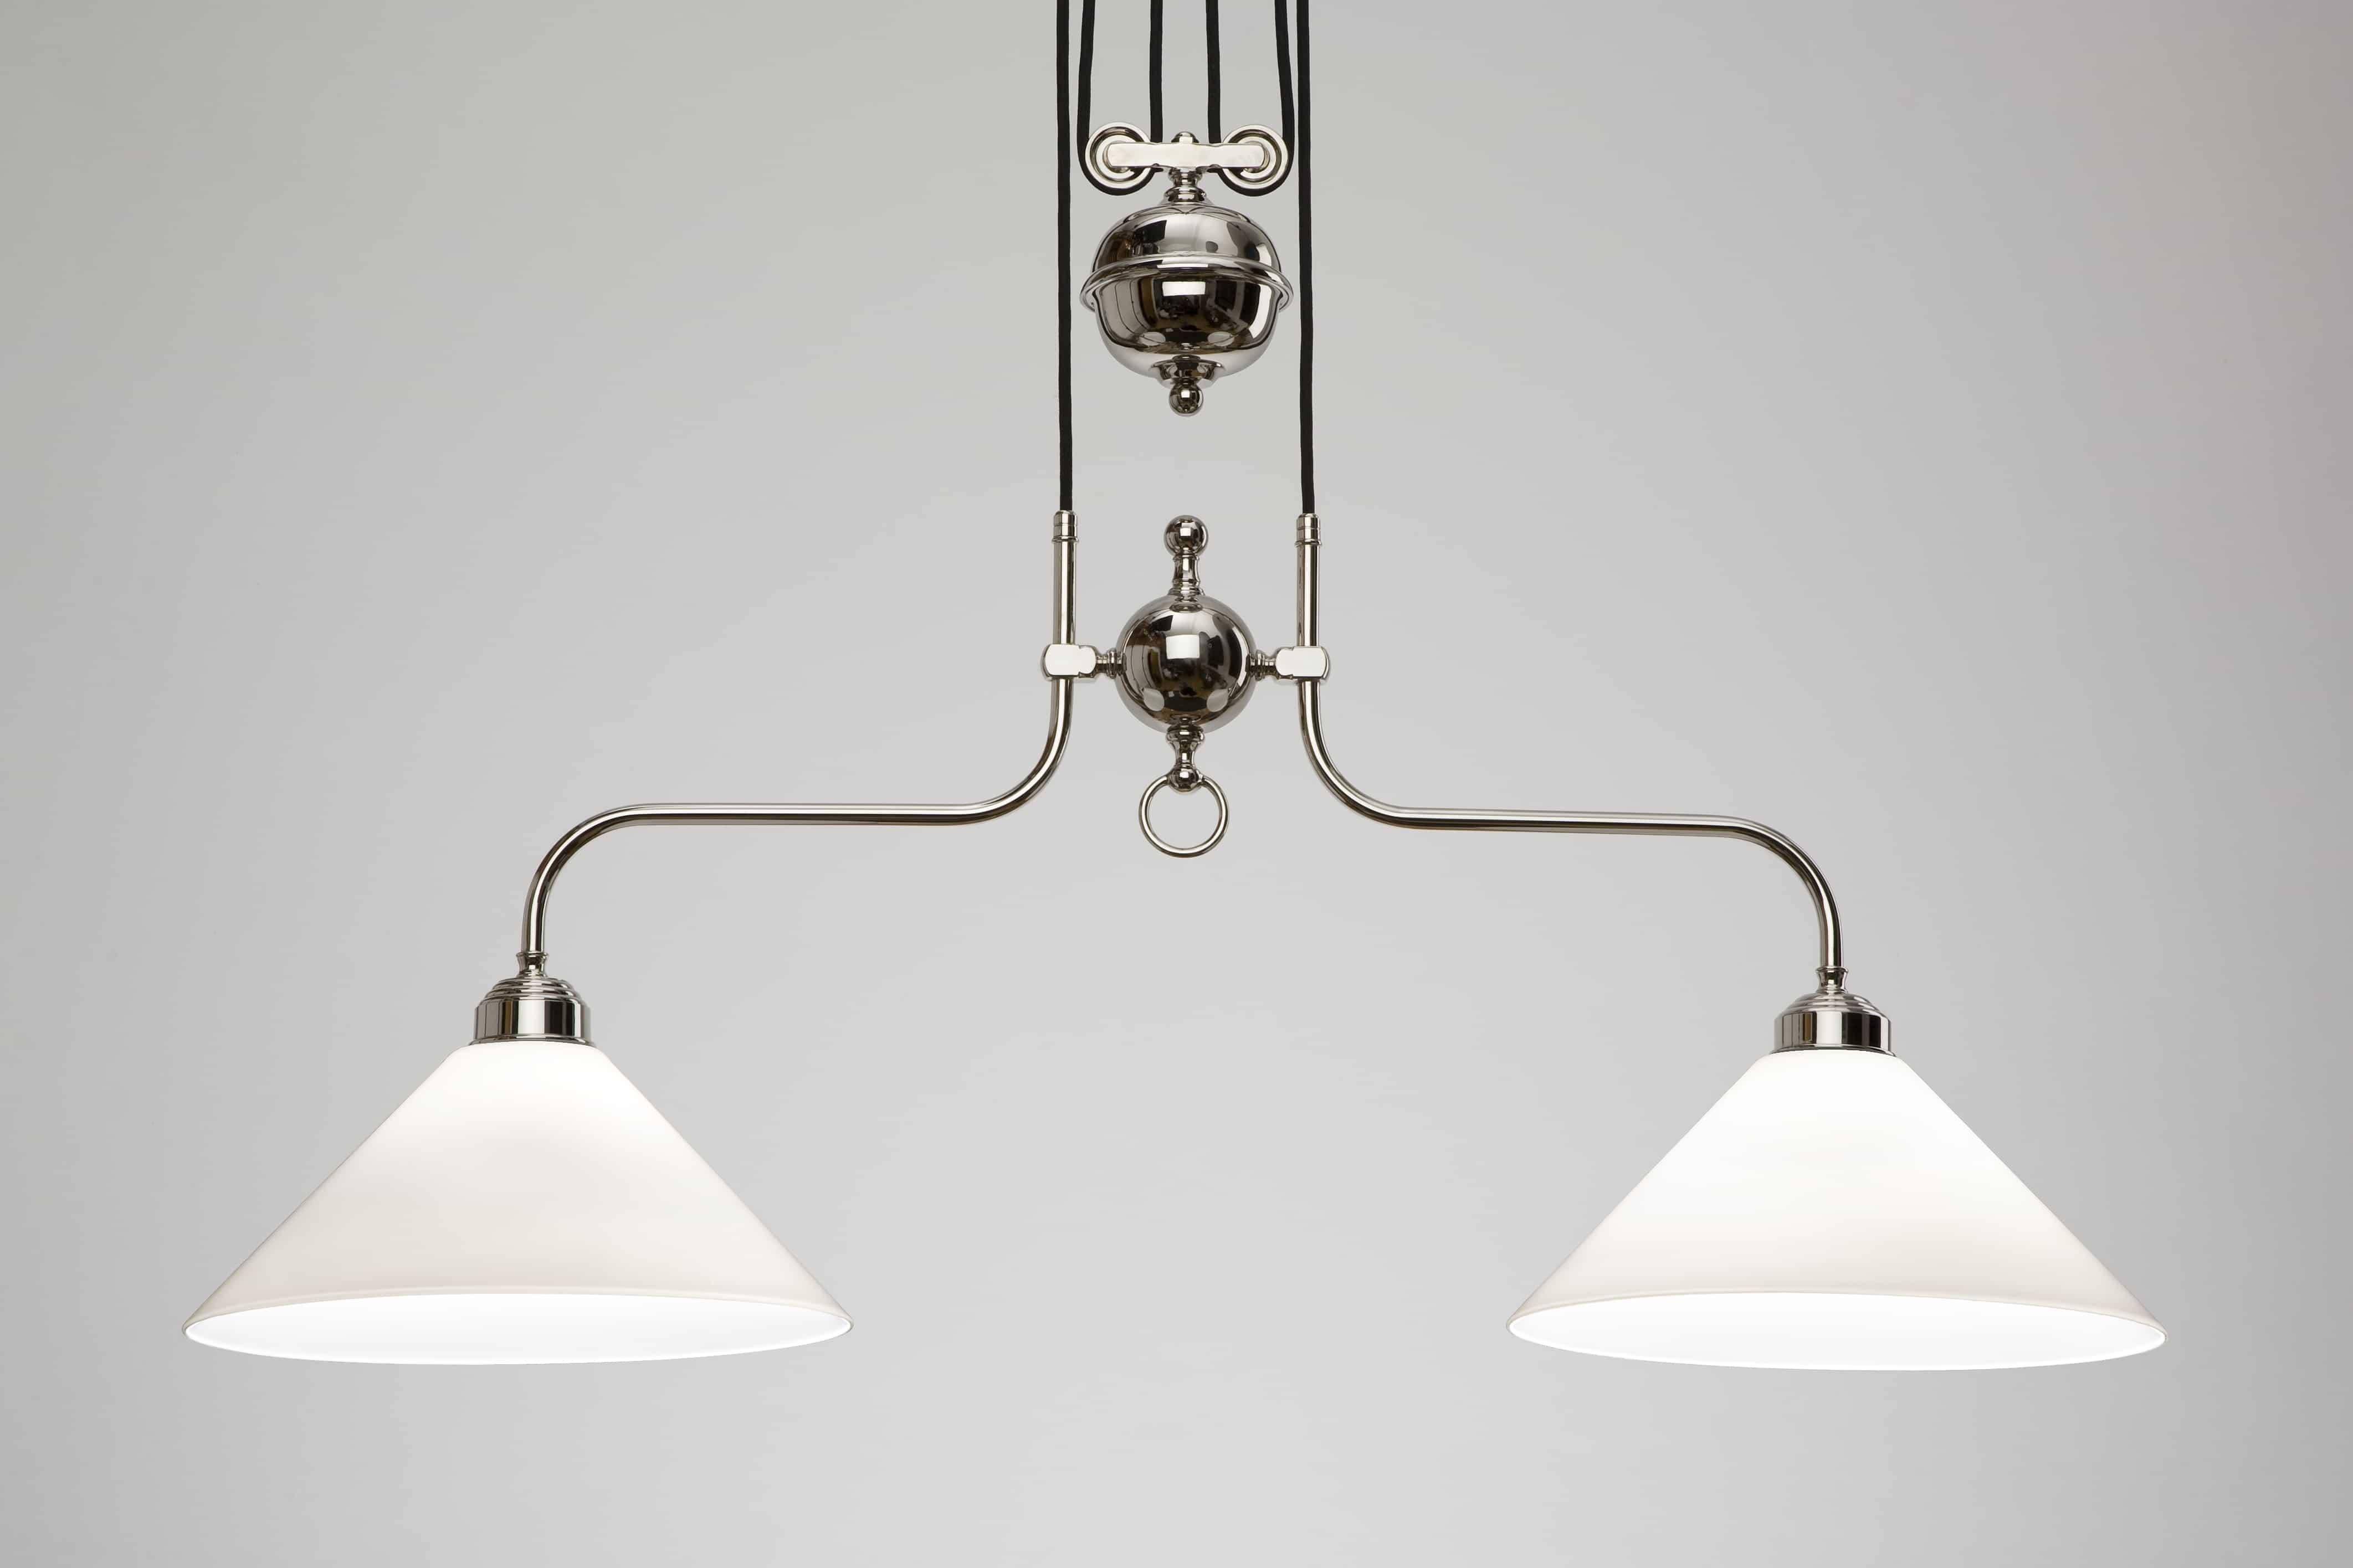 jan-best-messing-dubbele-Hanglamp-chroom-horeca-verlichting-nostalgische-verlichting-klassieke-verlichting-aalsmeer H 99